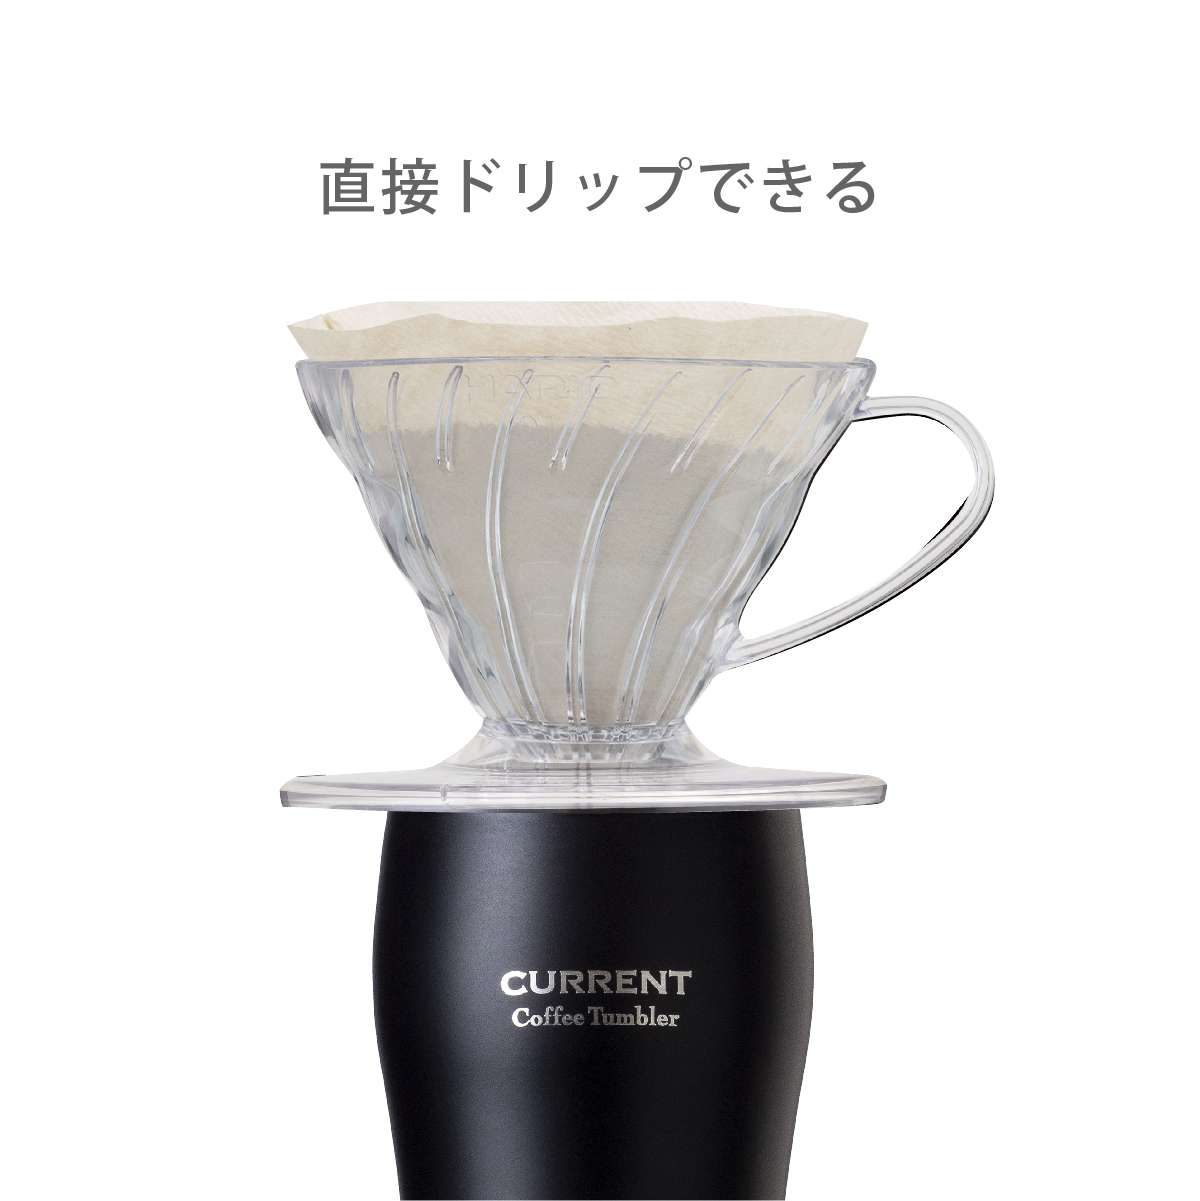 CURRENT フタ付きコーヒータンブラー 350ml  オレンジ image03